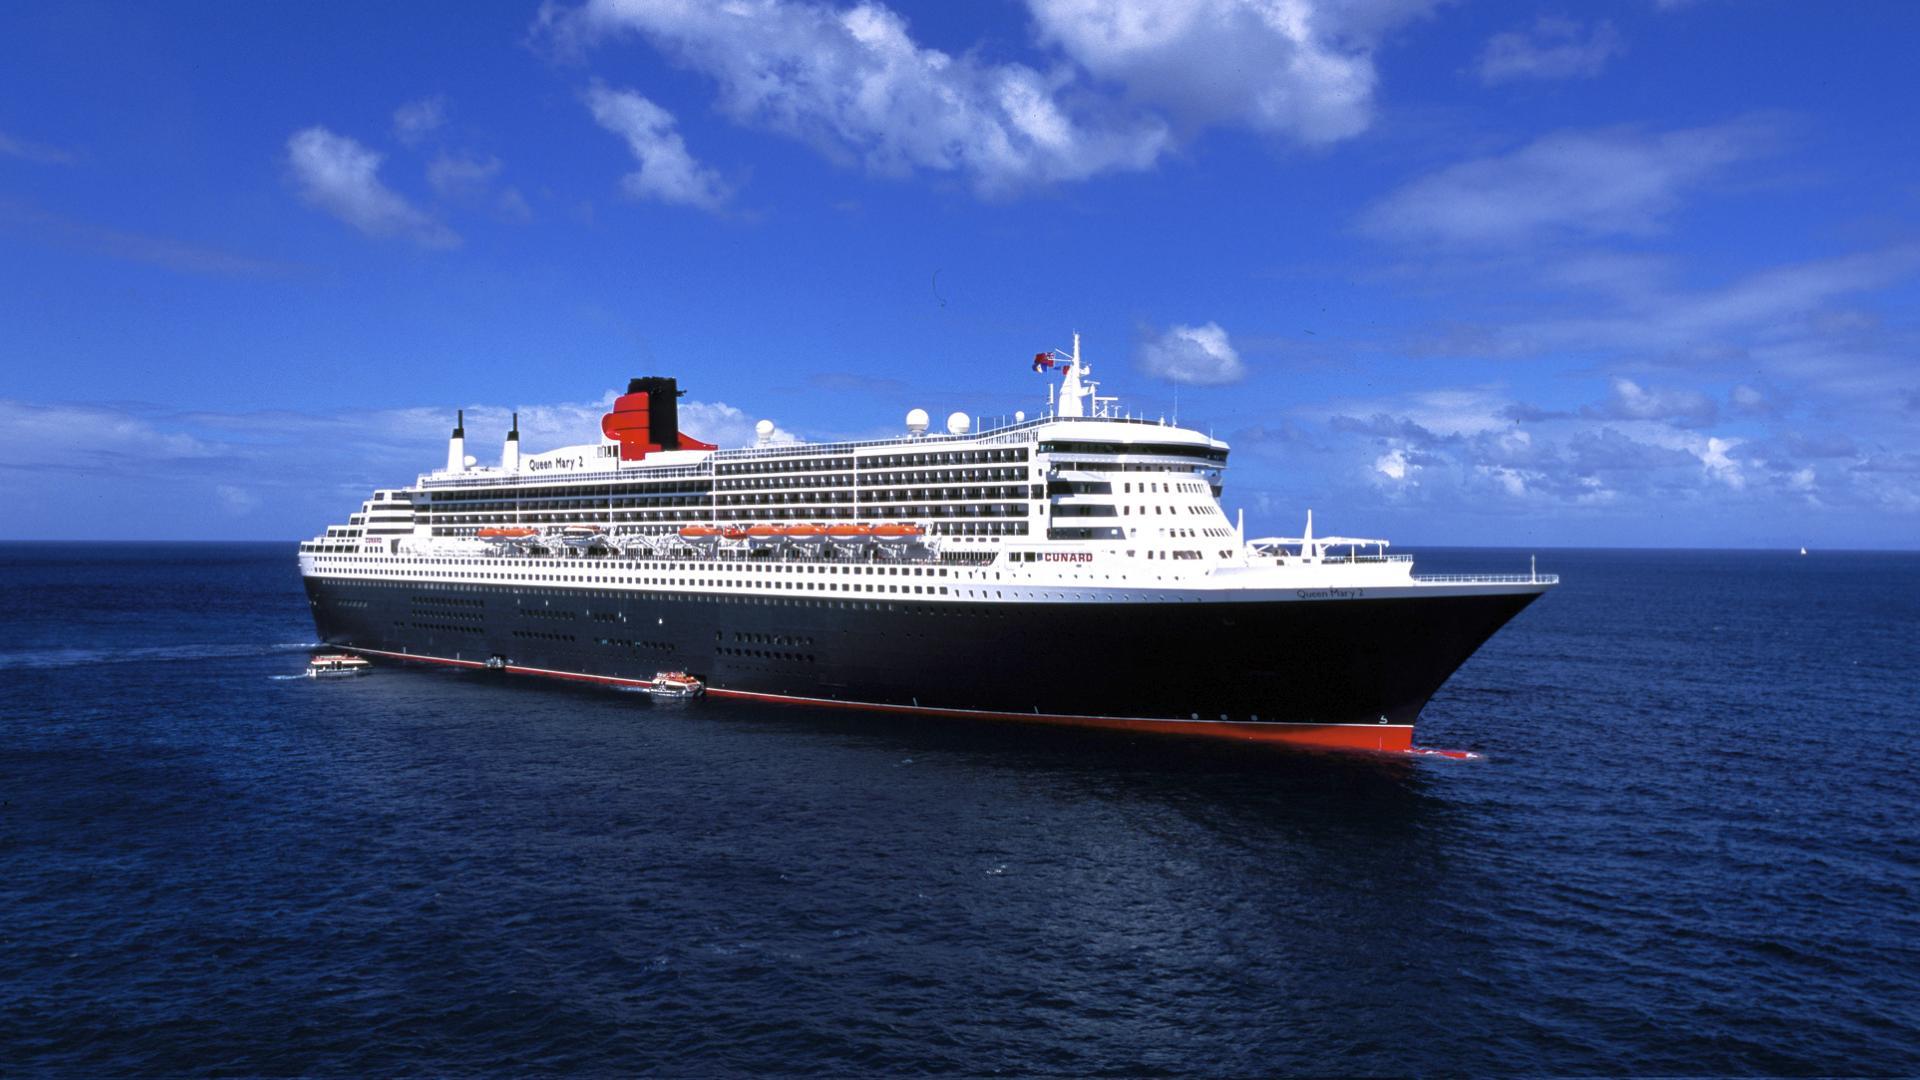 Cunard Line Luxuskreuzfahrt mit Queen Mary 2